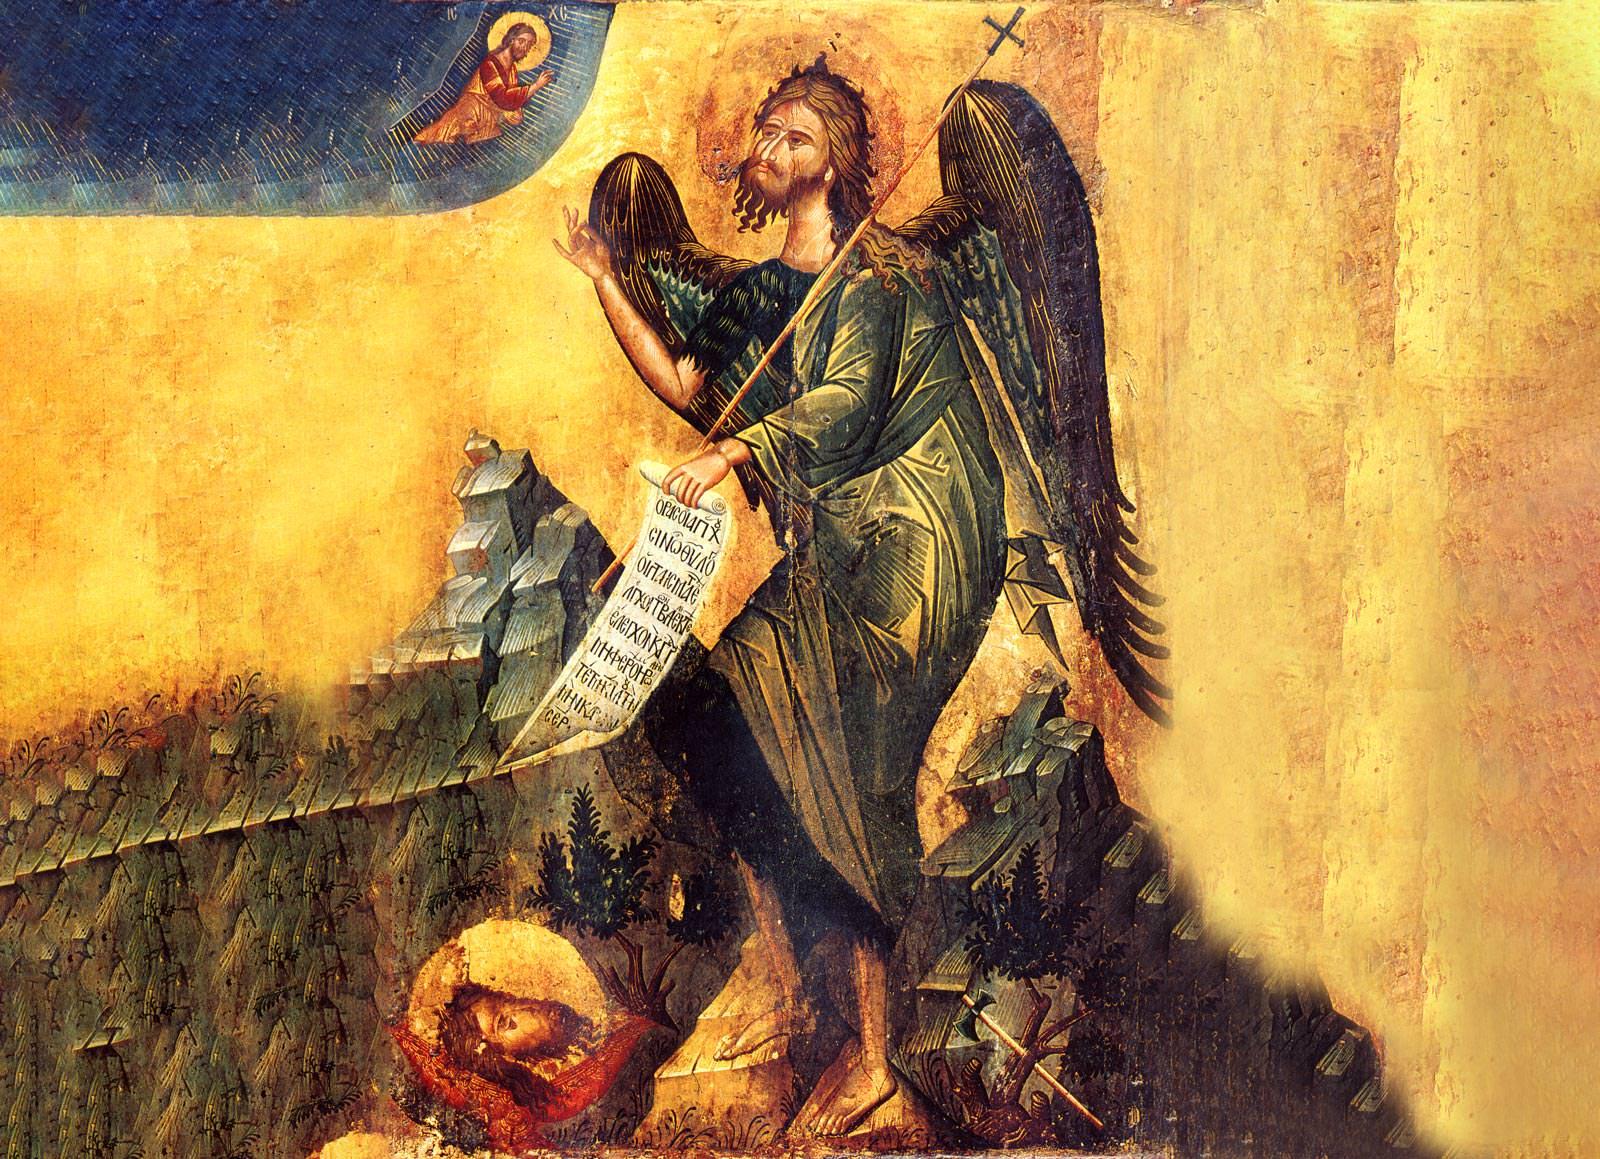 Άγιος Ιωάννης Πρόδρομος: Γιορτή Αγίου Ιωάννου σήμερα 7/1- Τι γιορτάζει η  Εκκλησία - ΕΚΚΛΗΣΙΑ ONLINE